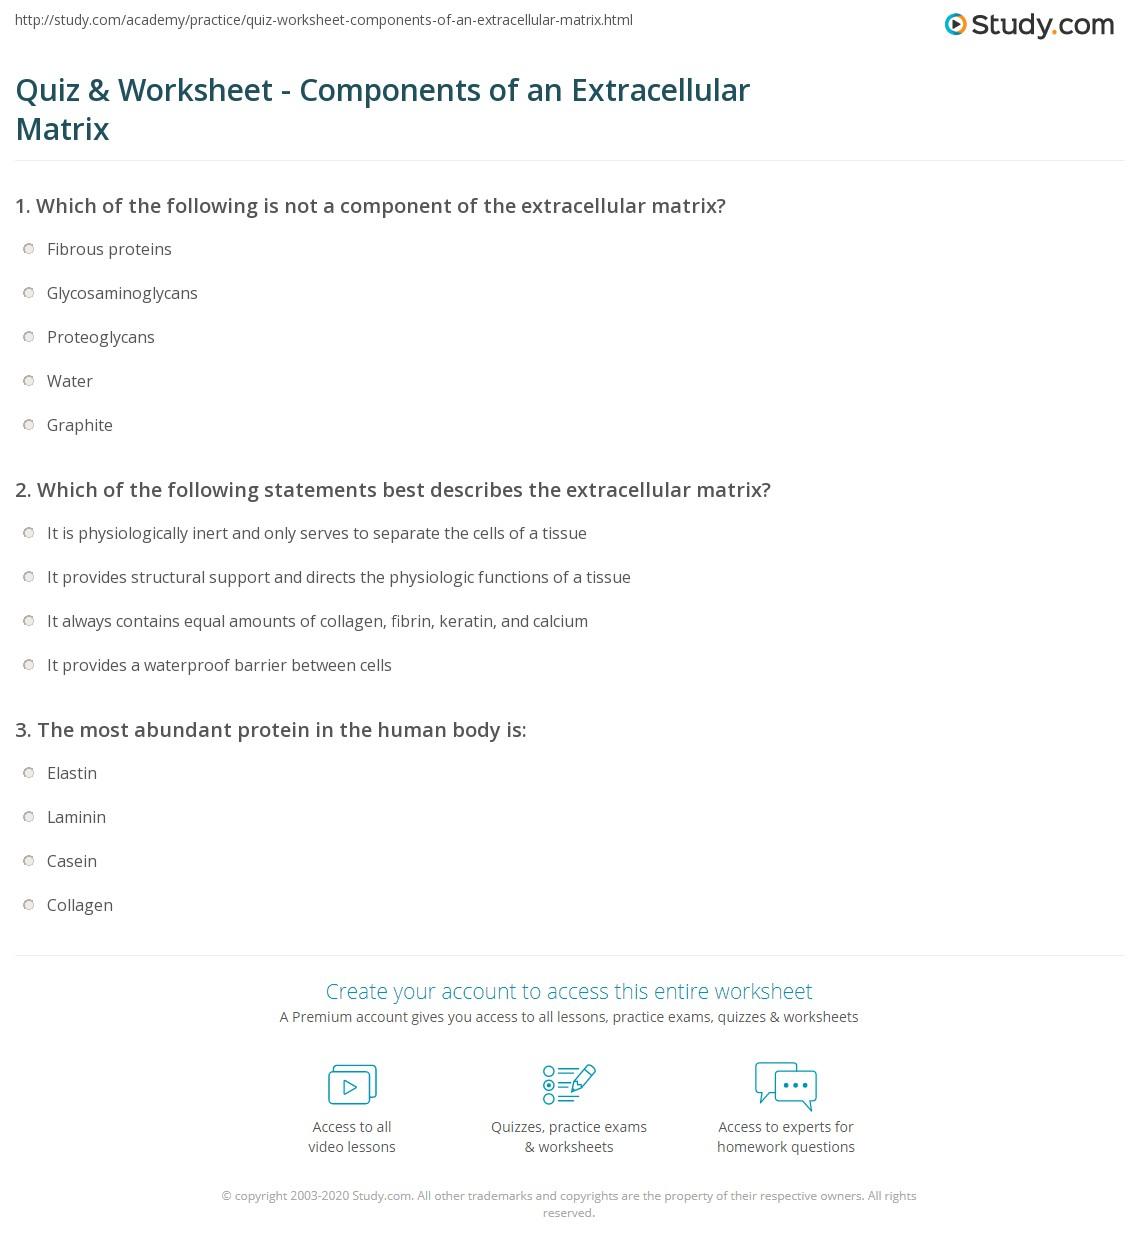 Quiz & Worksheet - Components of an Extracellular Matrix | Study.com